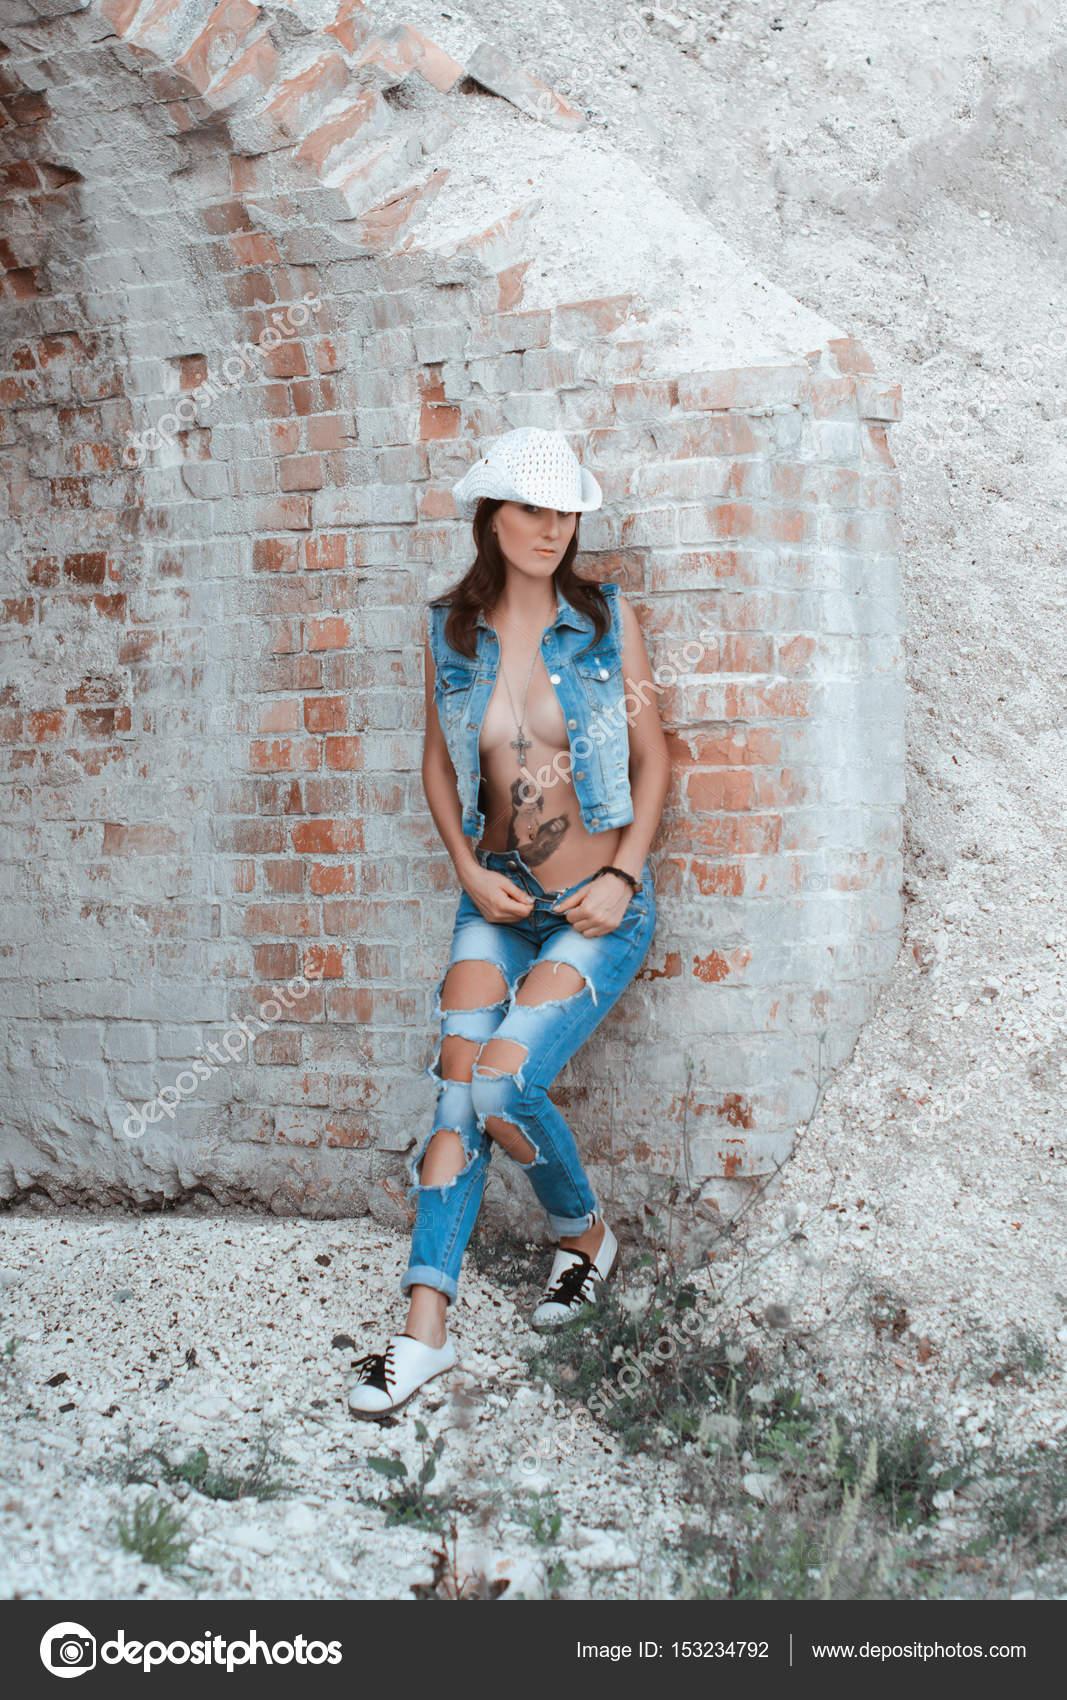 Δωρεάν φωτογραφίες από καυτά γυμνά κορίτσια